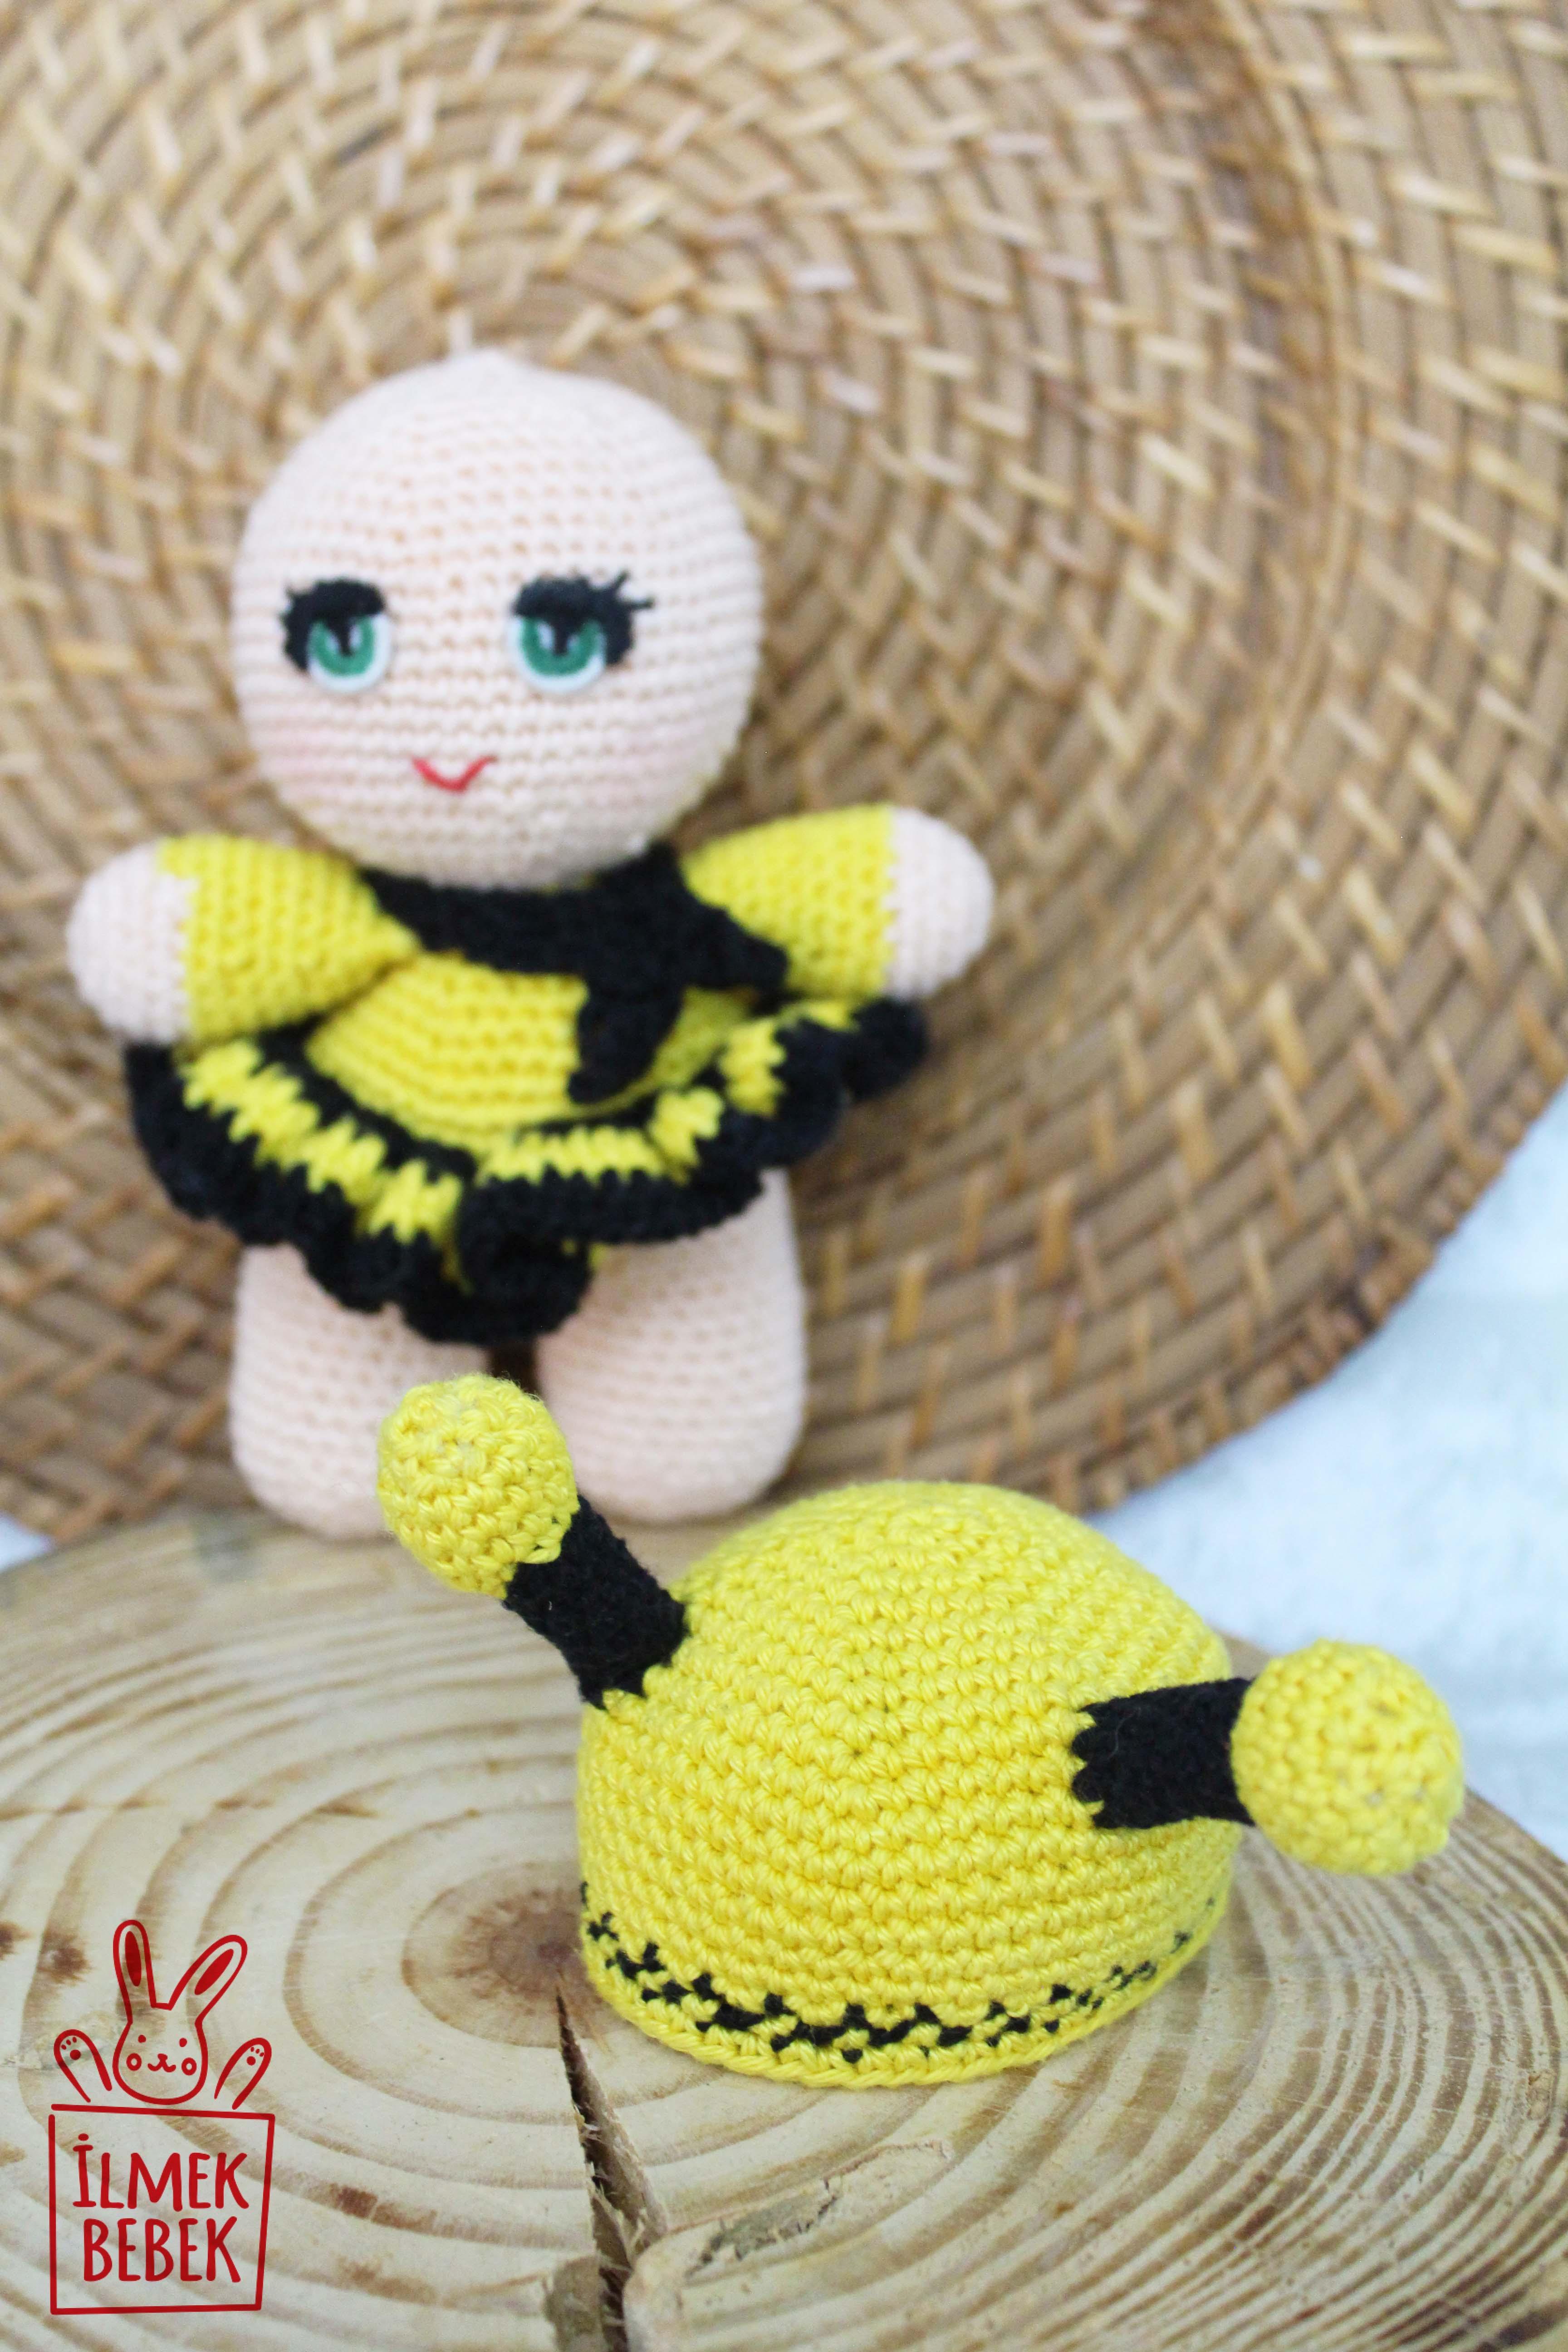 Amigurumi Minik Bebek Nasıl Yapılır? - Mimuu.com | 500x500